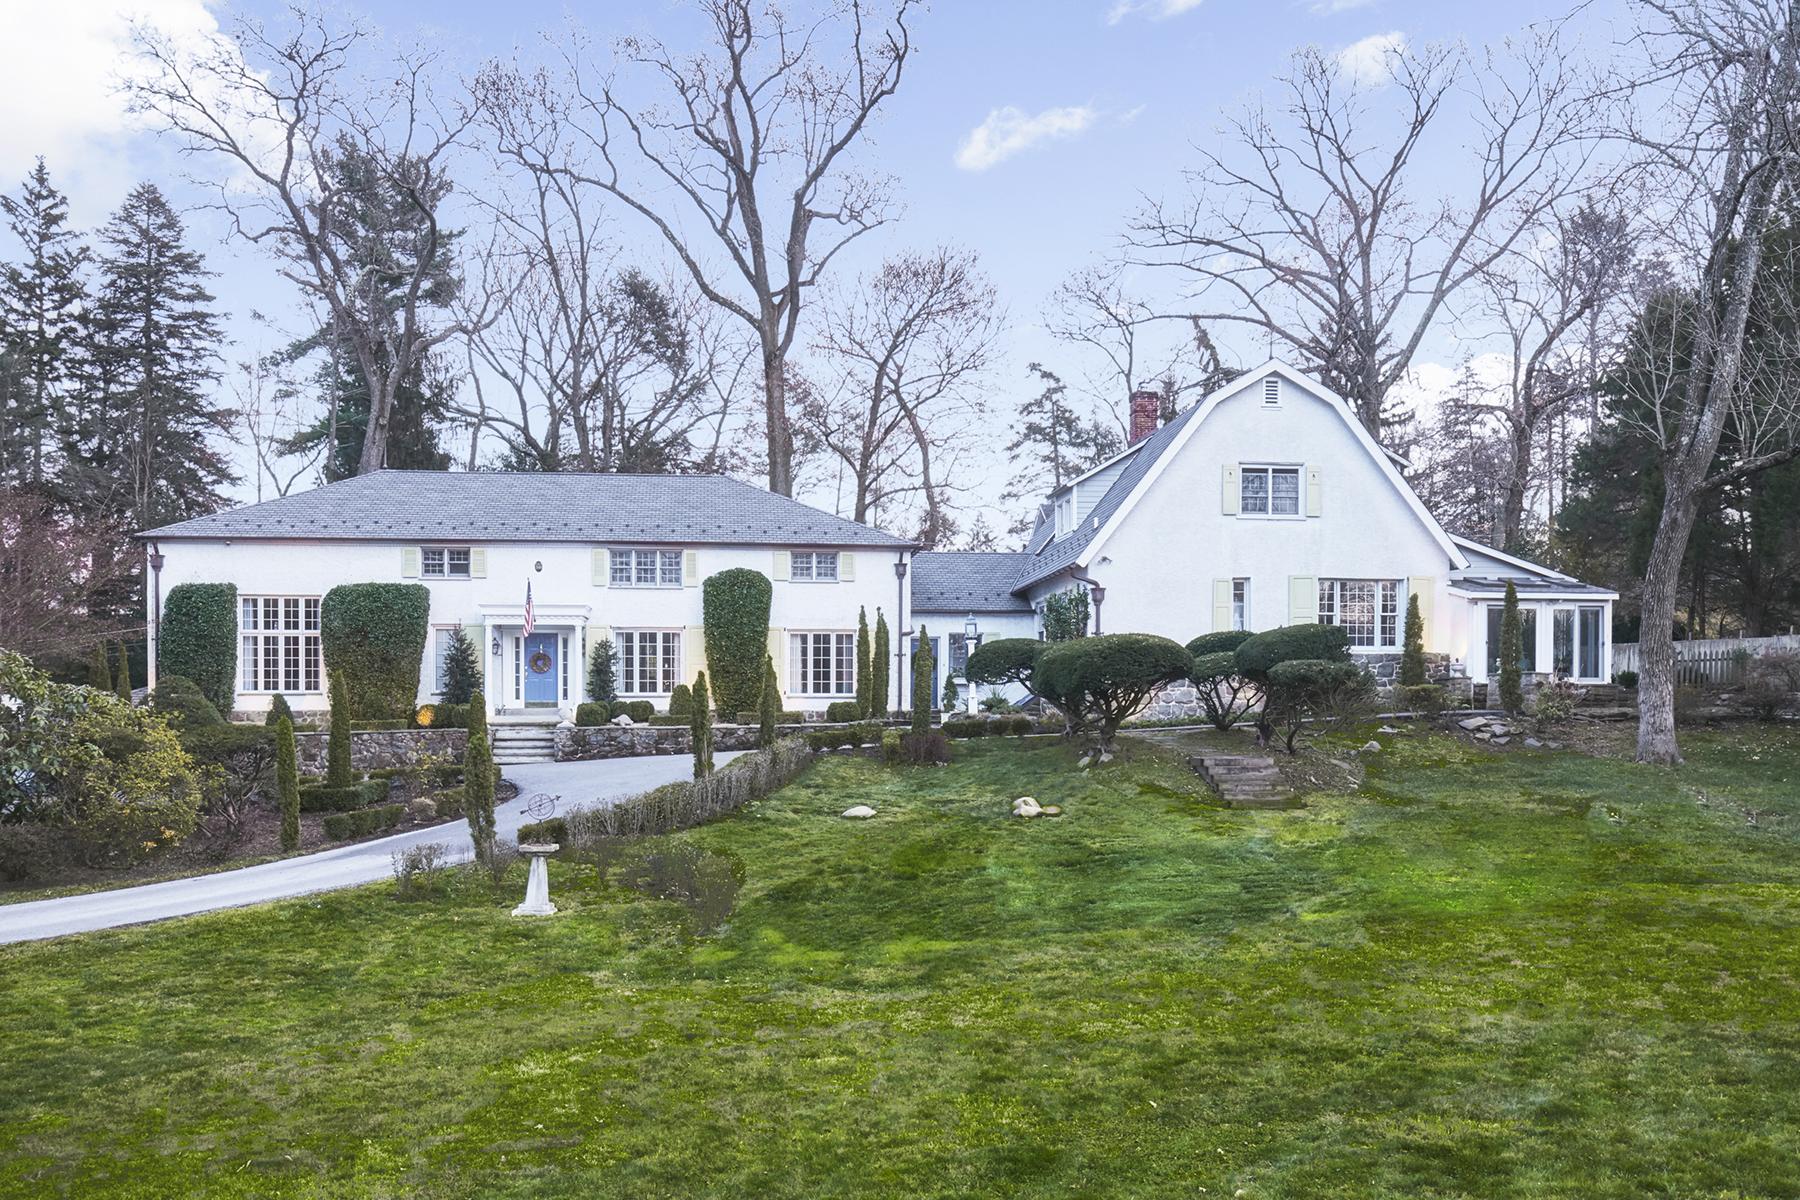 一戸建て のために 売買 アット Devon Colonial 140 S. Devon Ave Devon, ペンシルベニア, 19333 アメリカ合衆国